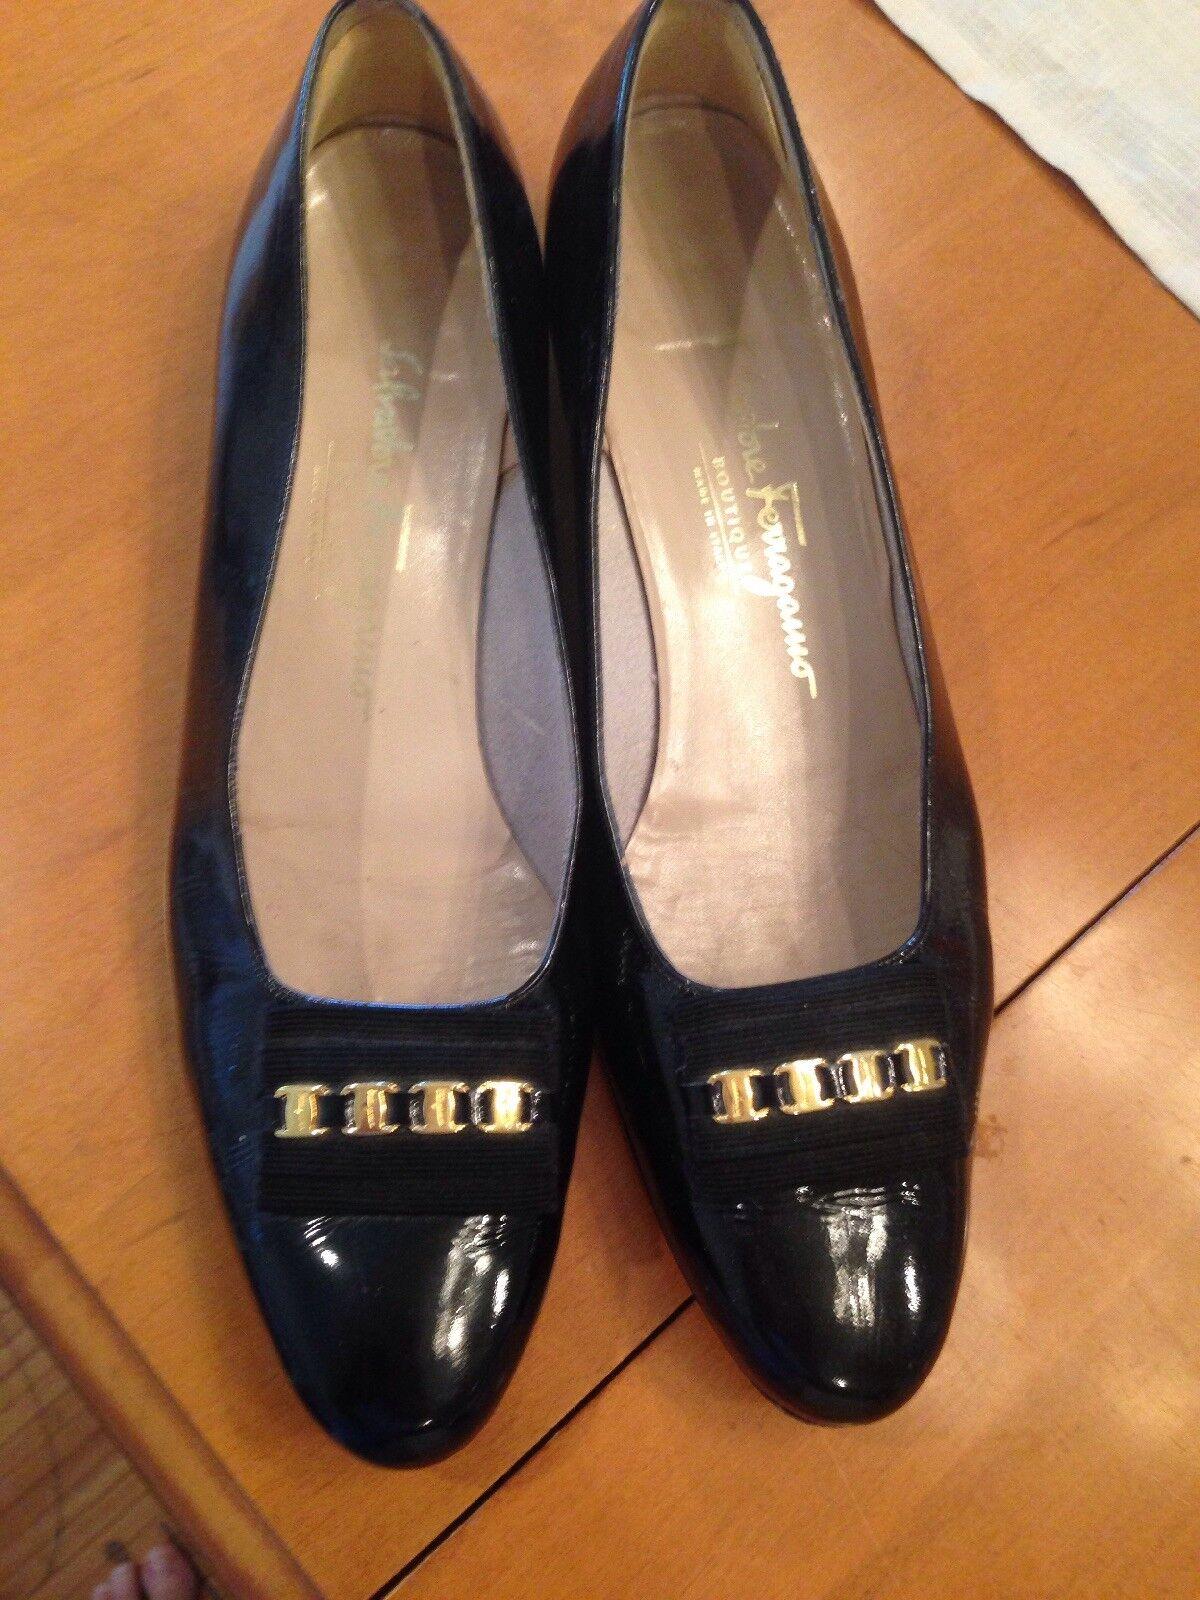 più preferenziale Donna  Classic Ferragamo nero Patent Leather Pumps Dimensione 10AA 10AA 10AA  ordina adesso